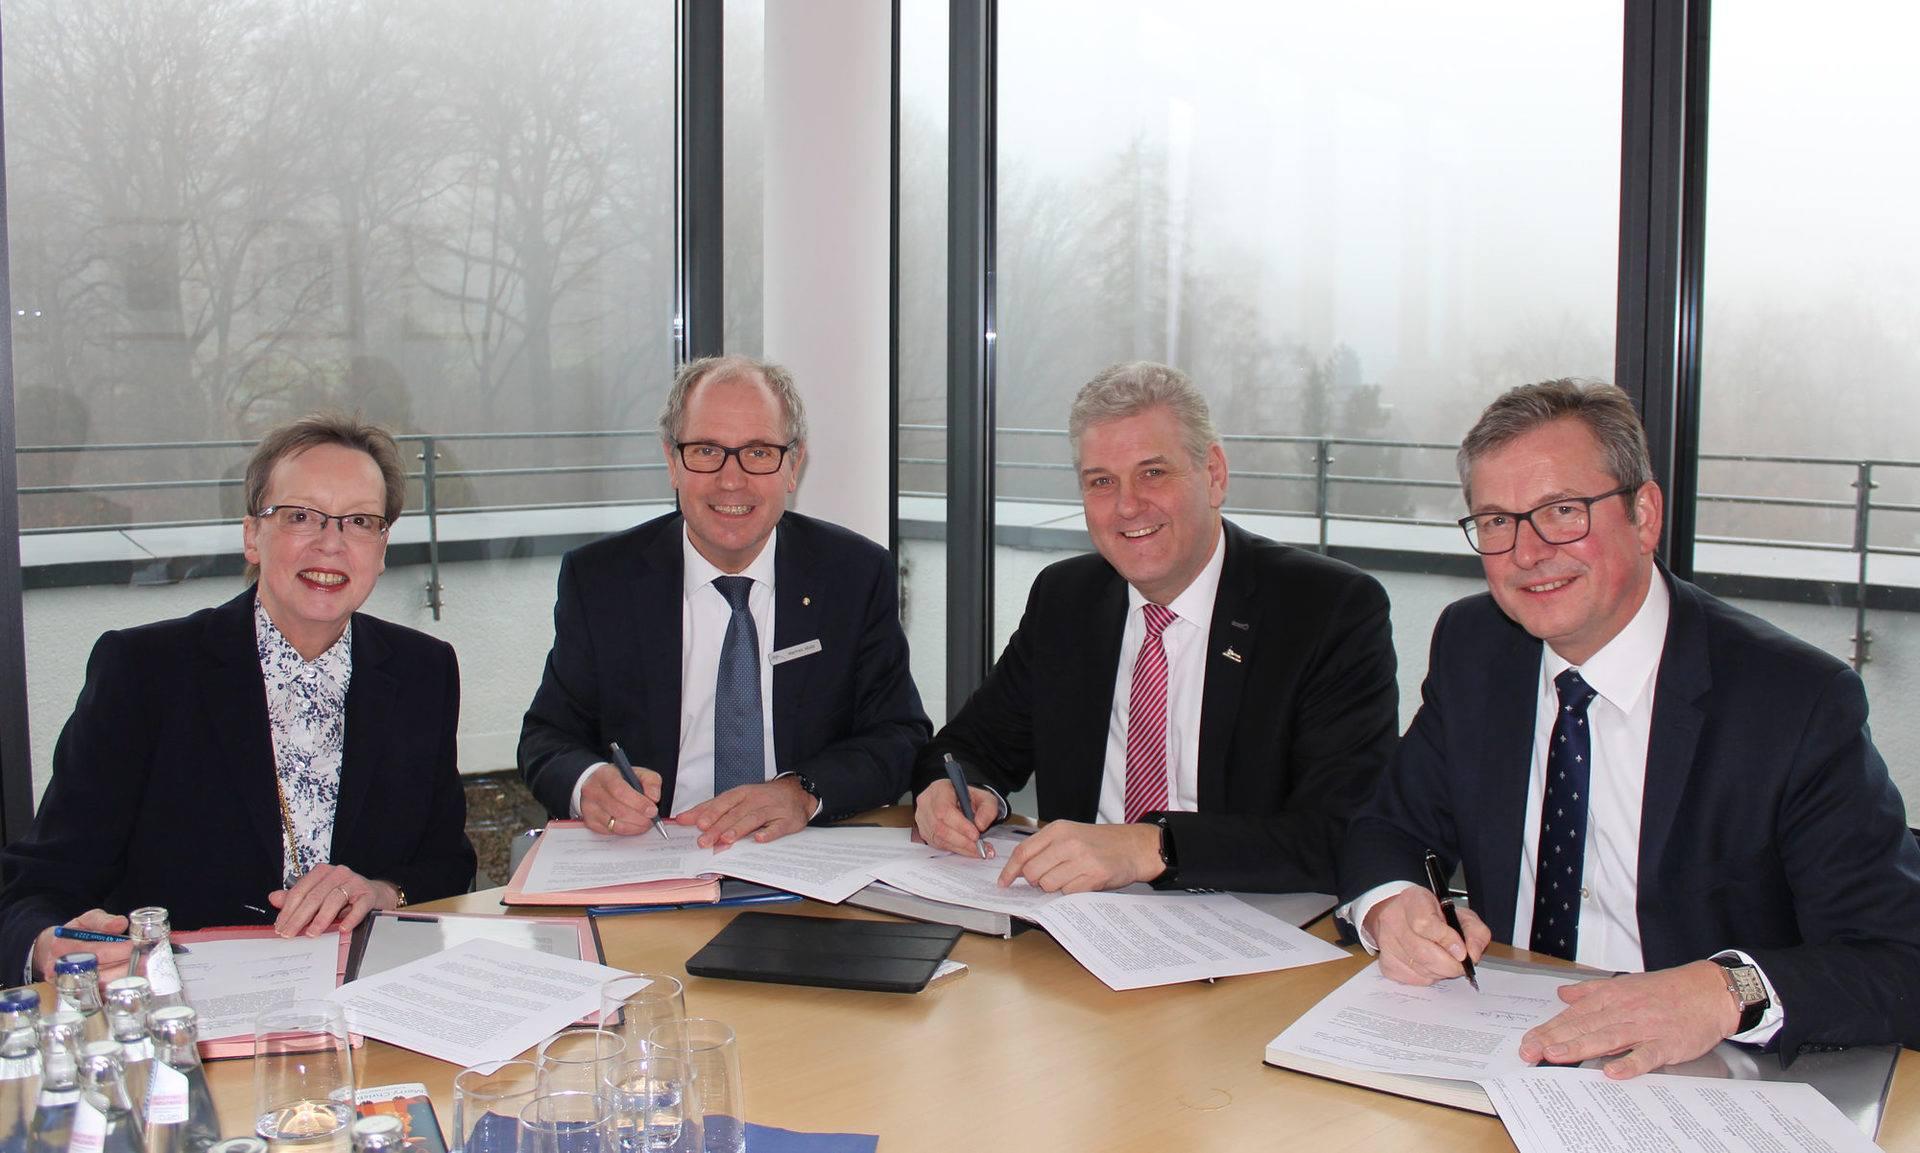 Regierungspräsidentin Marianne Thomann-Stahl, Landrat Manfred Müller, Bürgermeister Werner Peitz und Bürgermeister Michael Dreier beim Unterzeichnen des Kooperationsvertrag zur Digitalen Modellregion OWL.